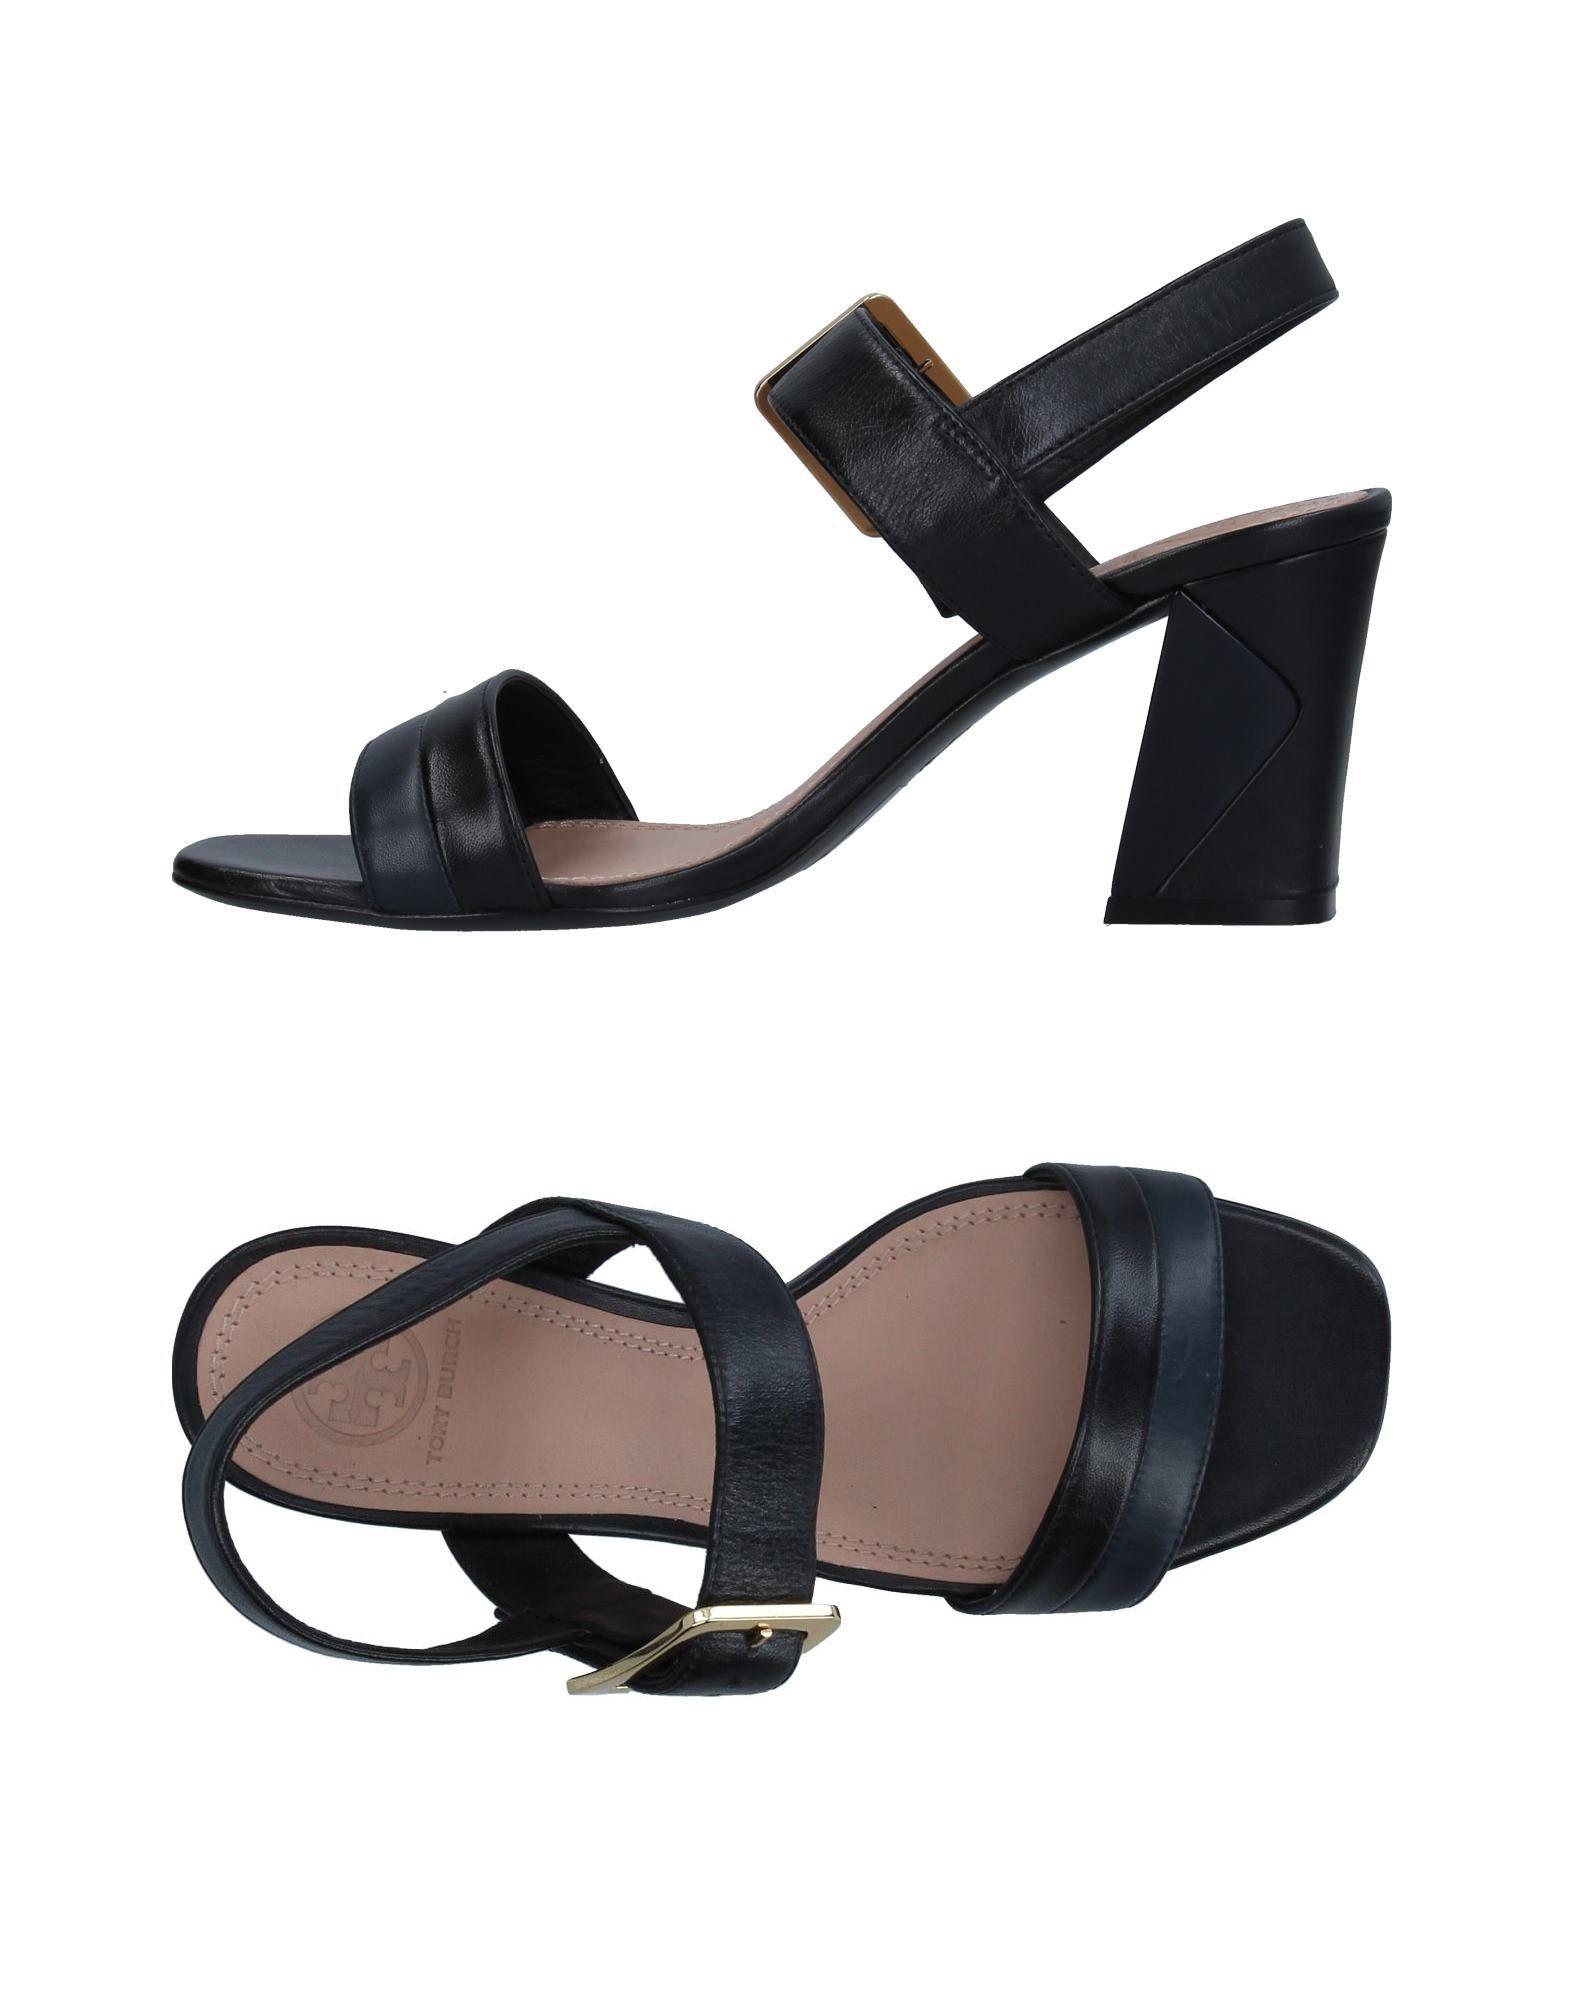 Rabatt Schuhe Tory Burch Sandalen Damen  11339442JV